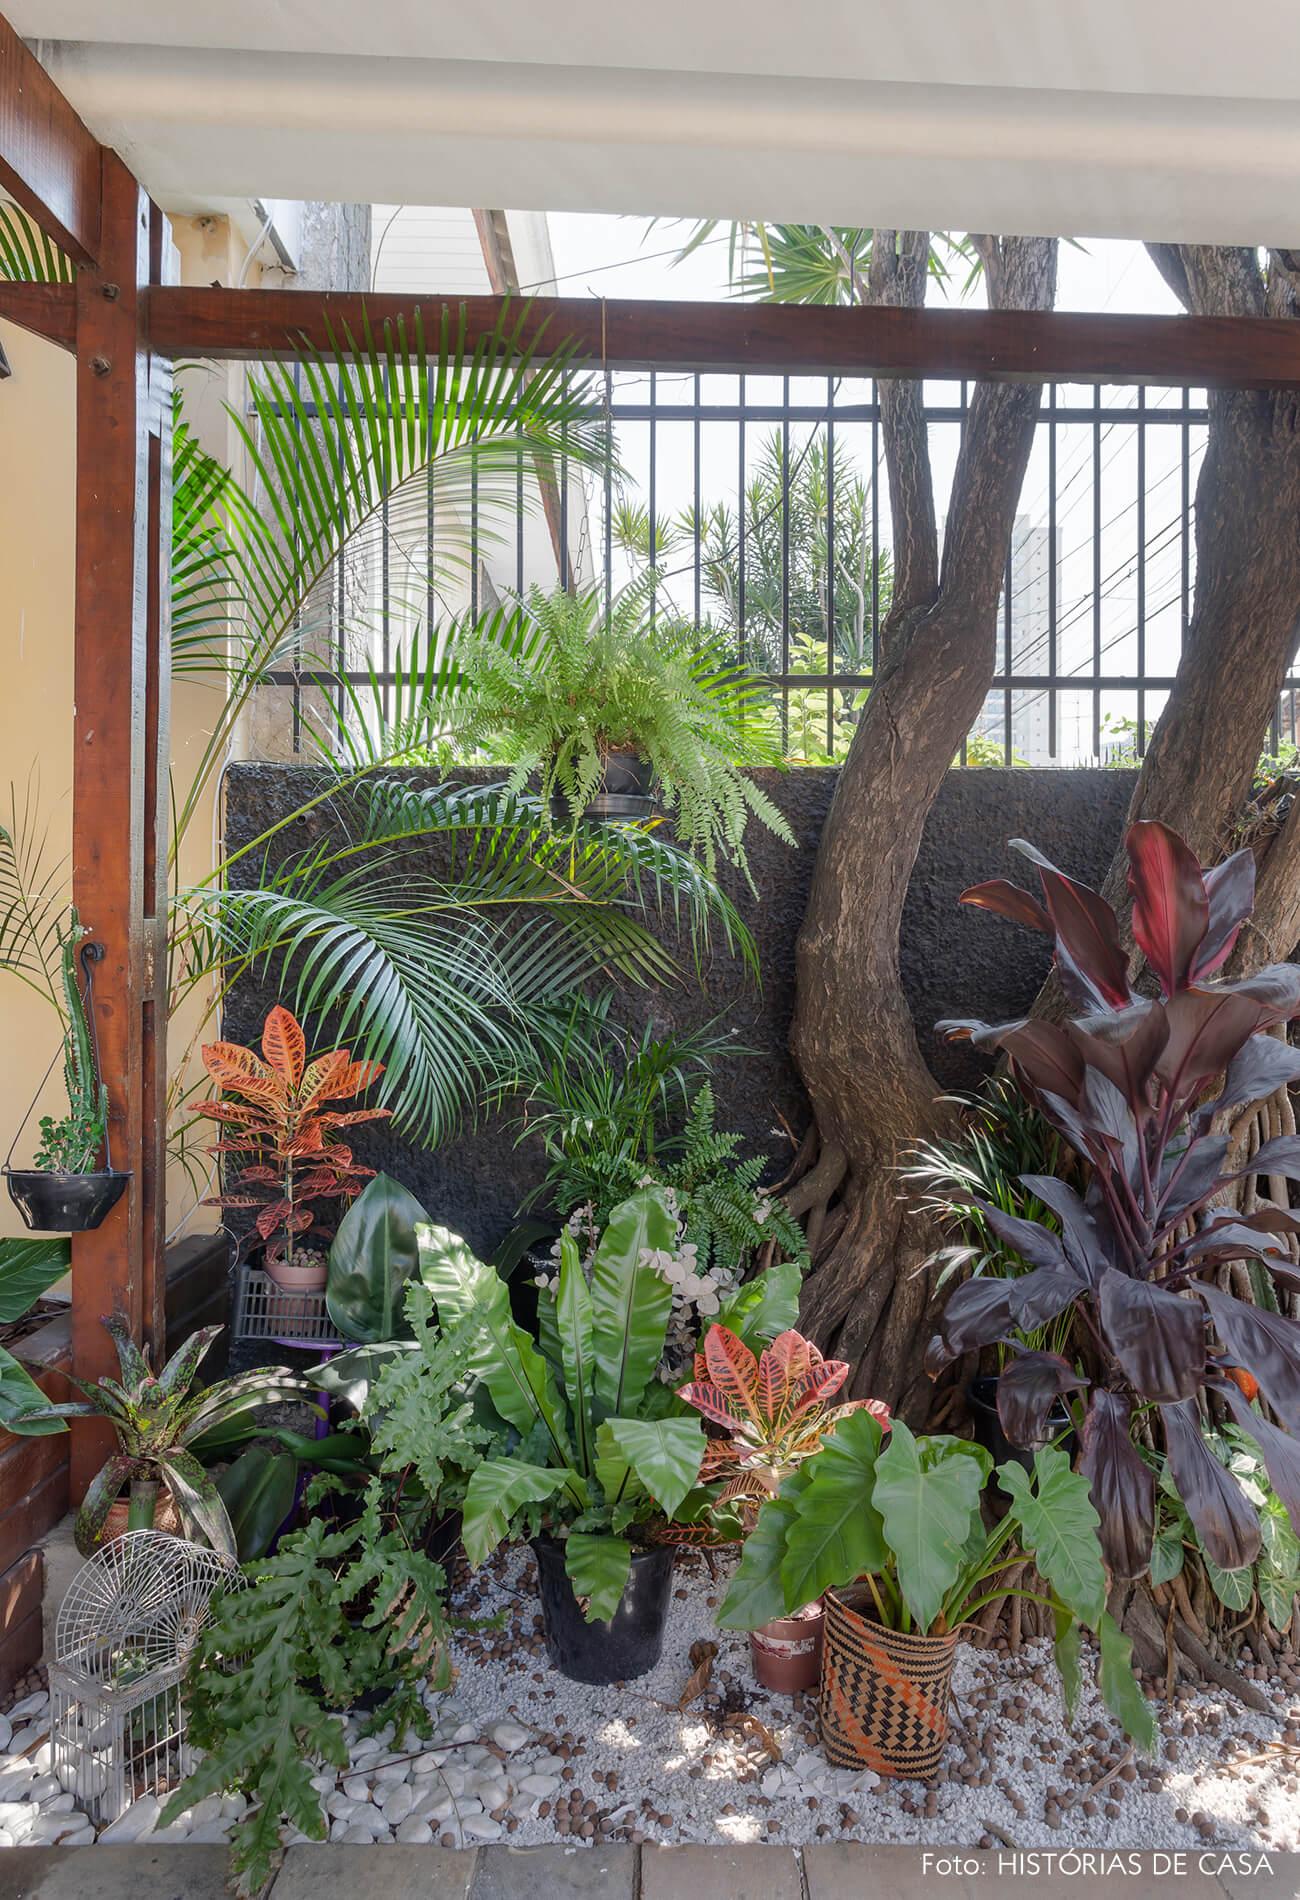 Casa antiga com painel de madeira e jardim na entrada